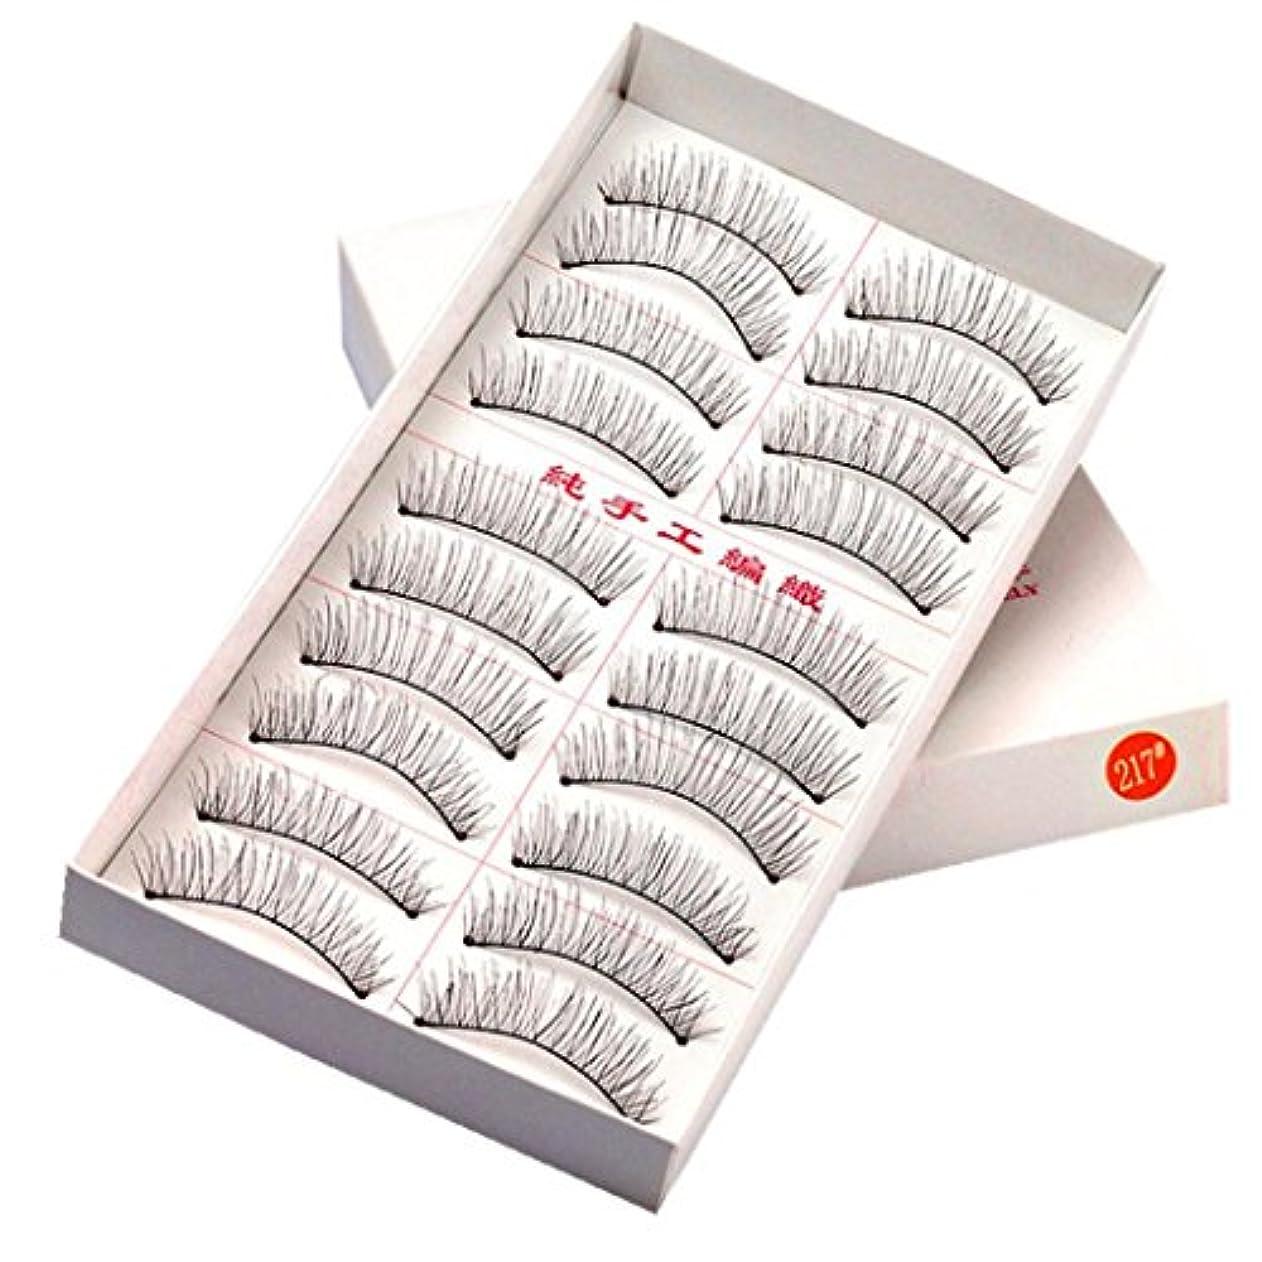 悩む励起落花生Feteso 10ペアセット つけまつげ 上まつげ Eyelashes アイラッシュ ビューティー まつげエクステ レディース 化粧ツール アイメイクアップ 人気 ナチュラル 飾り ふんわり 装着簡単 綺麗 変身